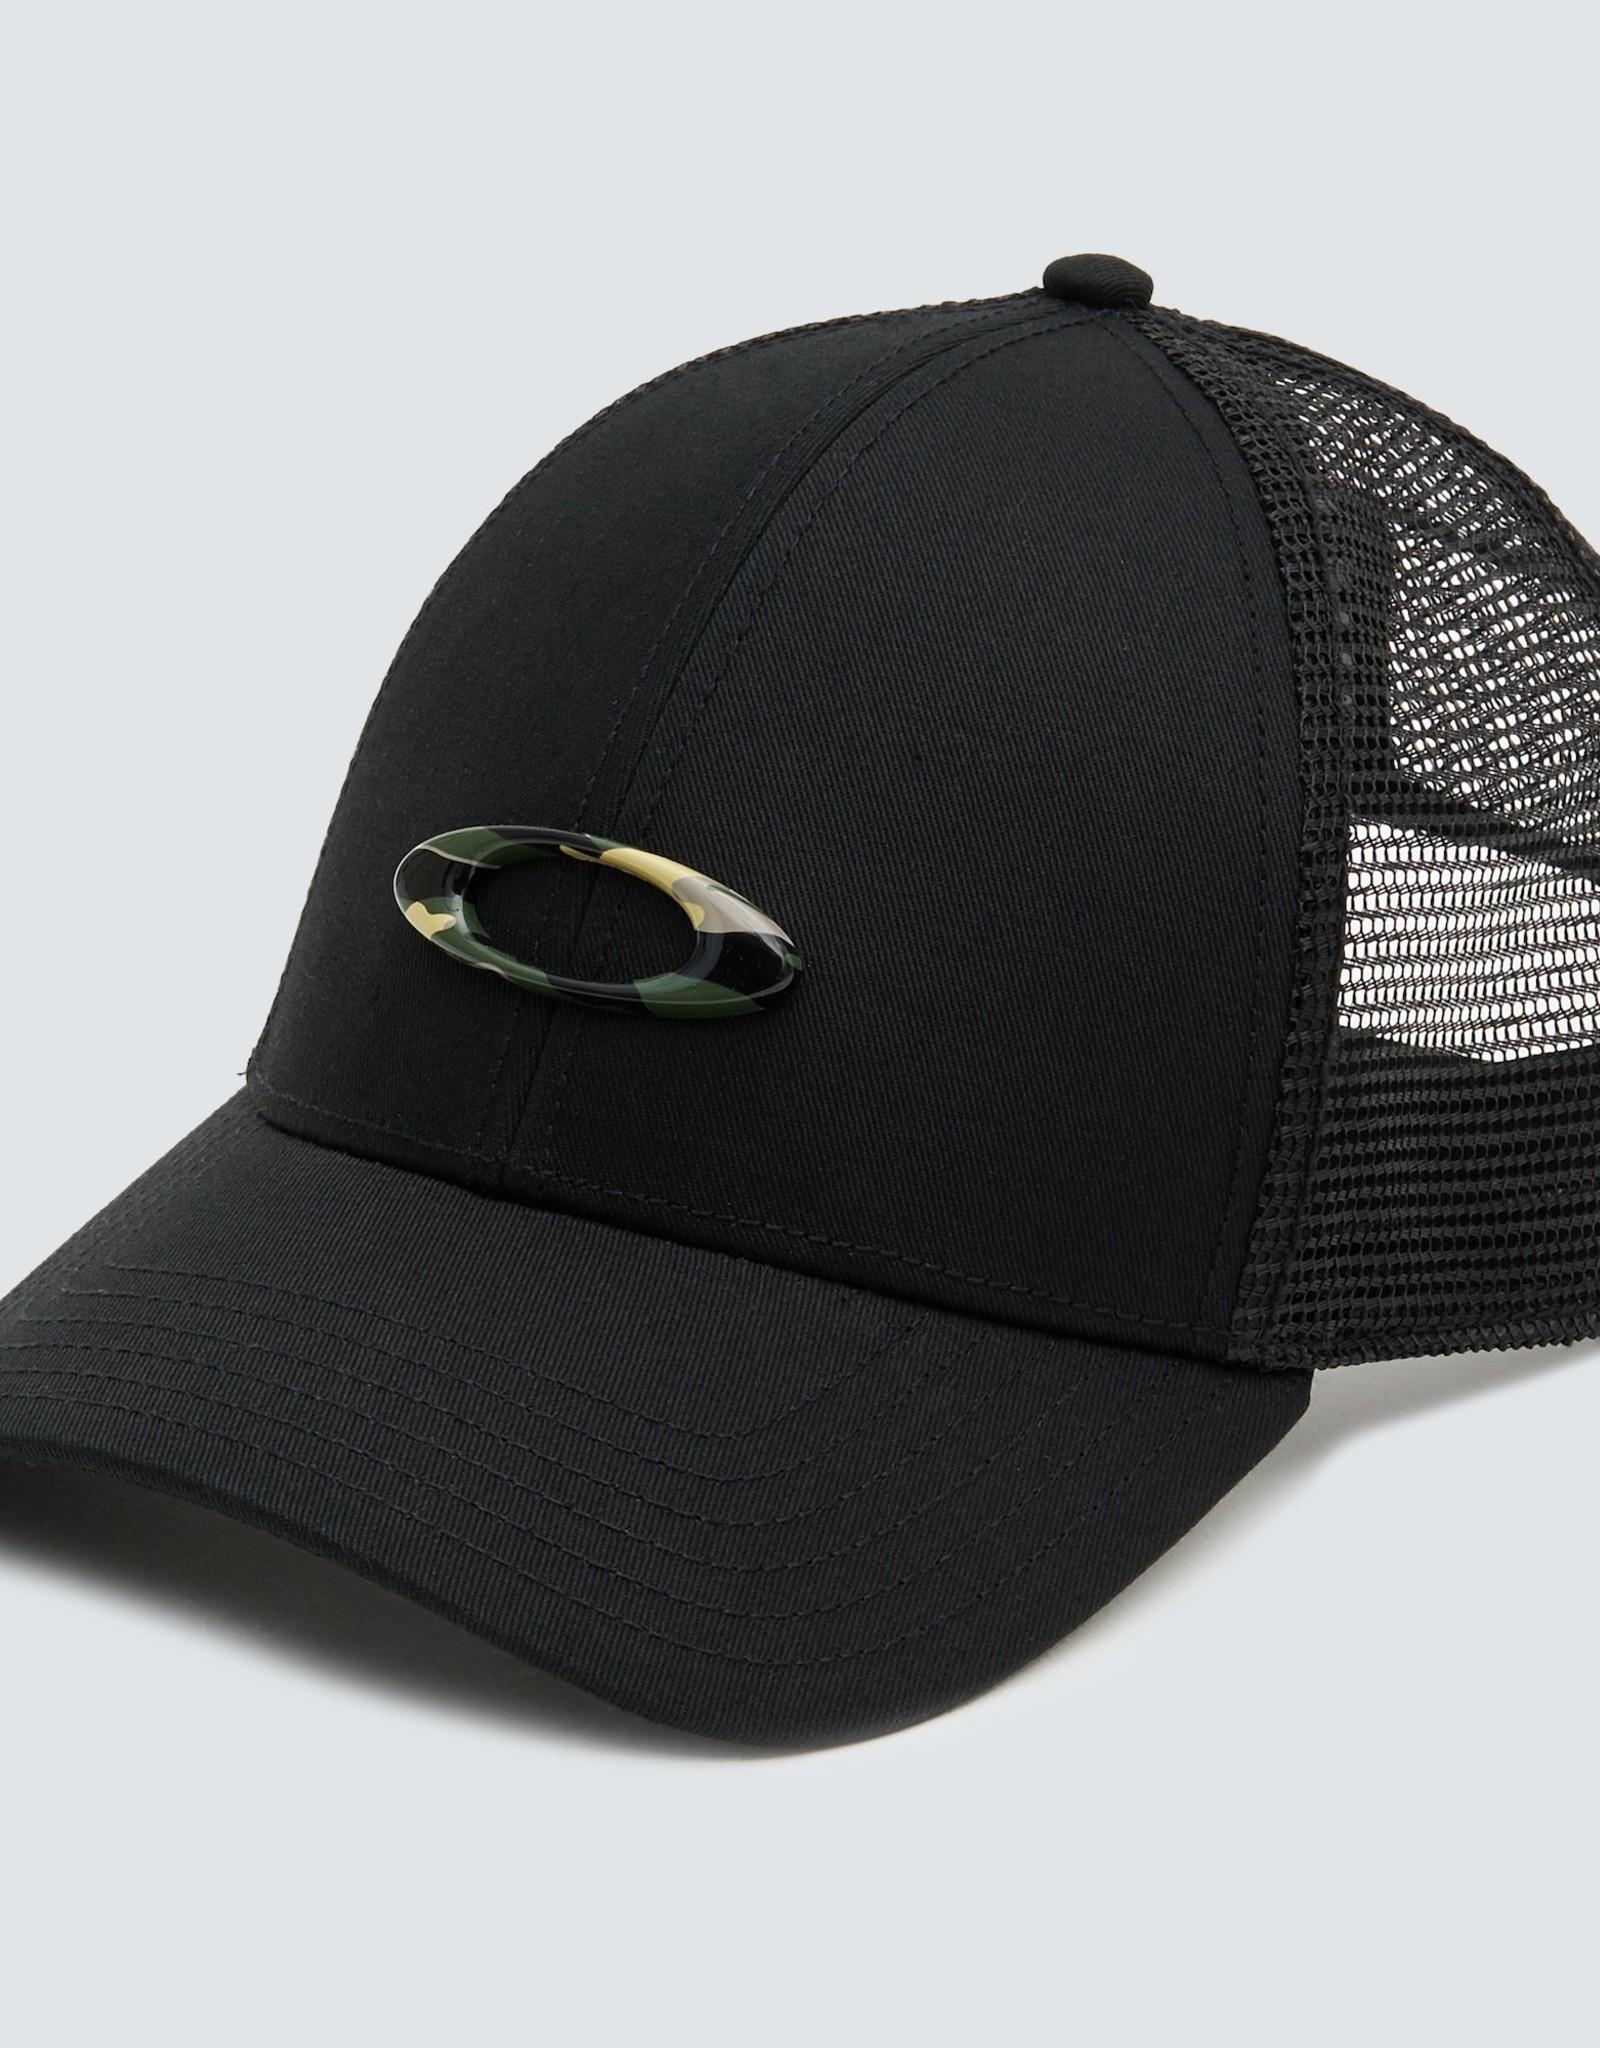 Oakley TRUCKER ELLIPSE HAT FOS900005